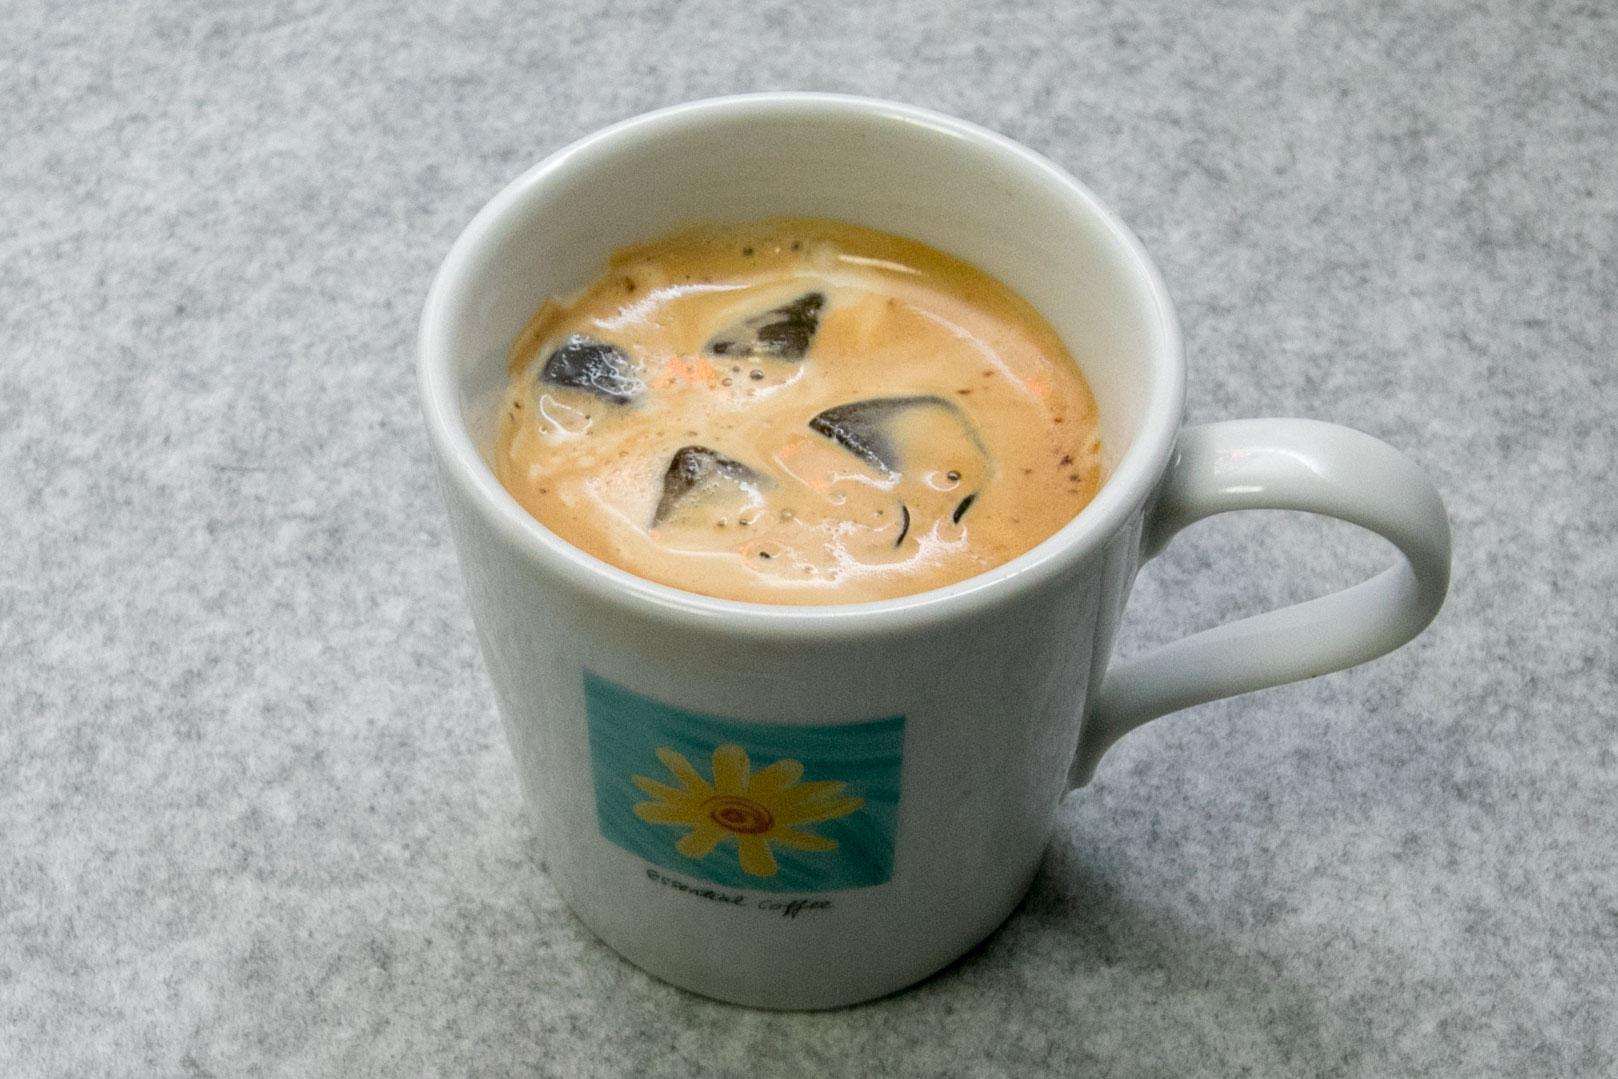 マグサイズブラックコーヒー